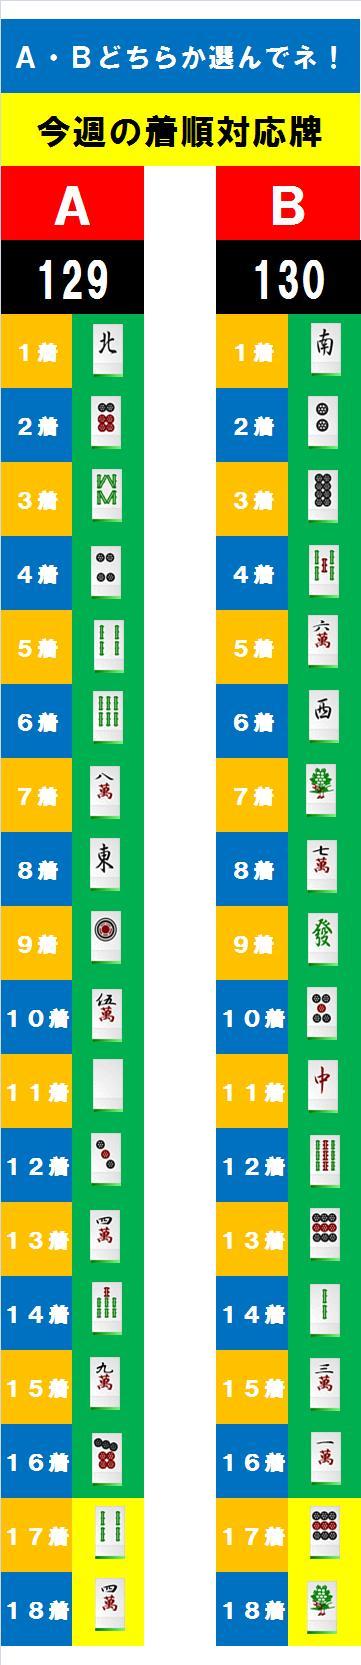 20131117・着順表(129~130).jpg